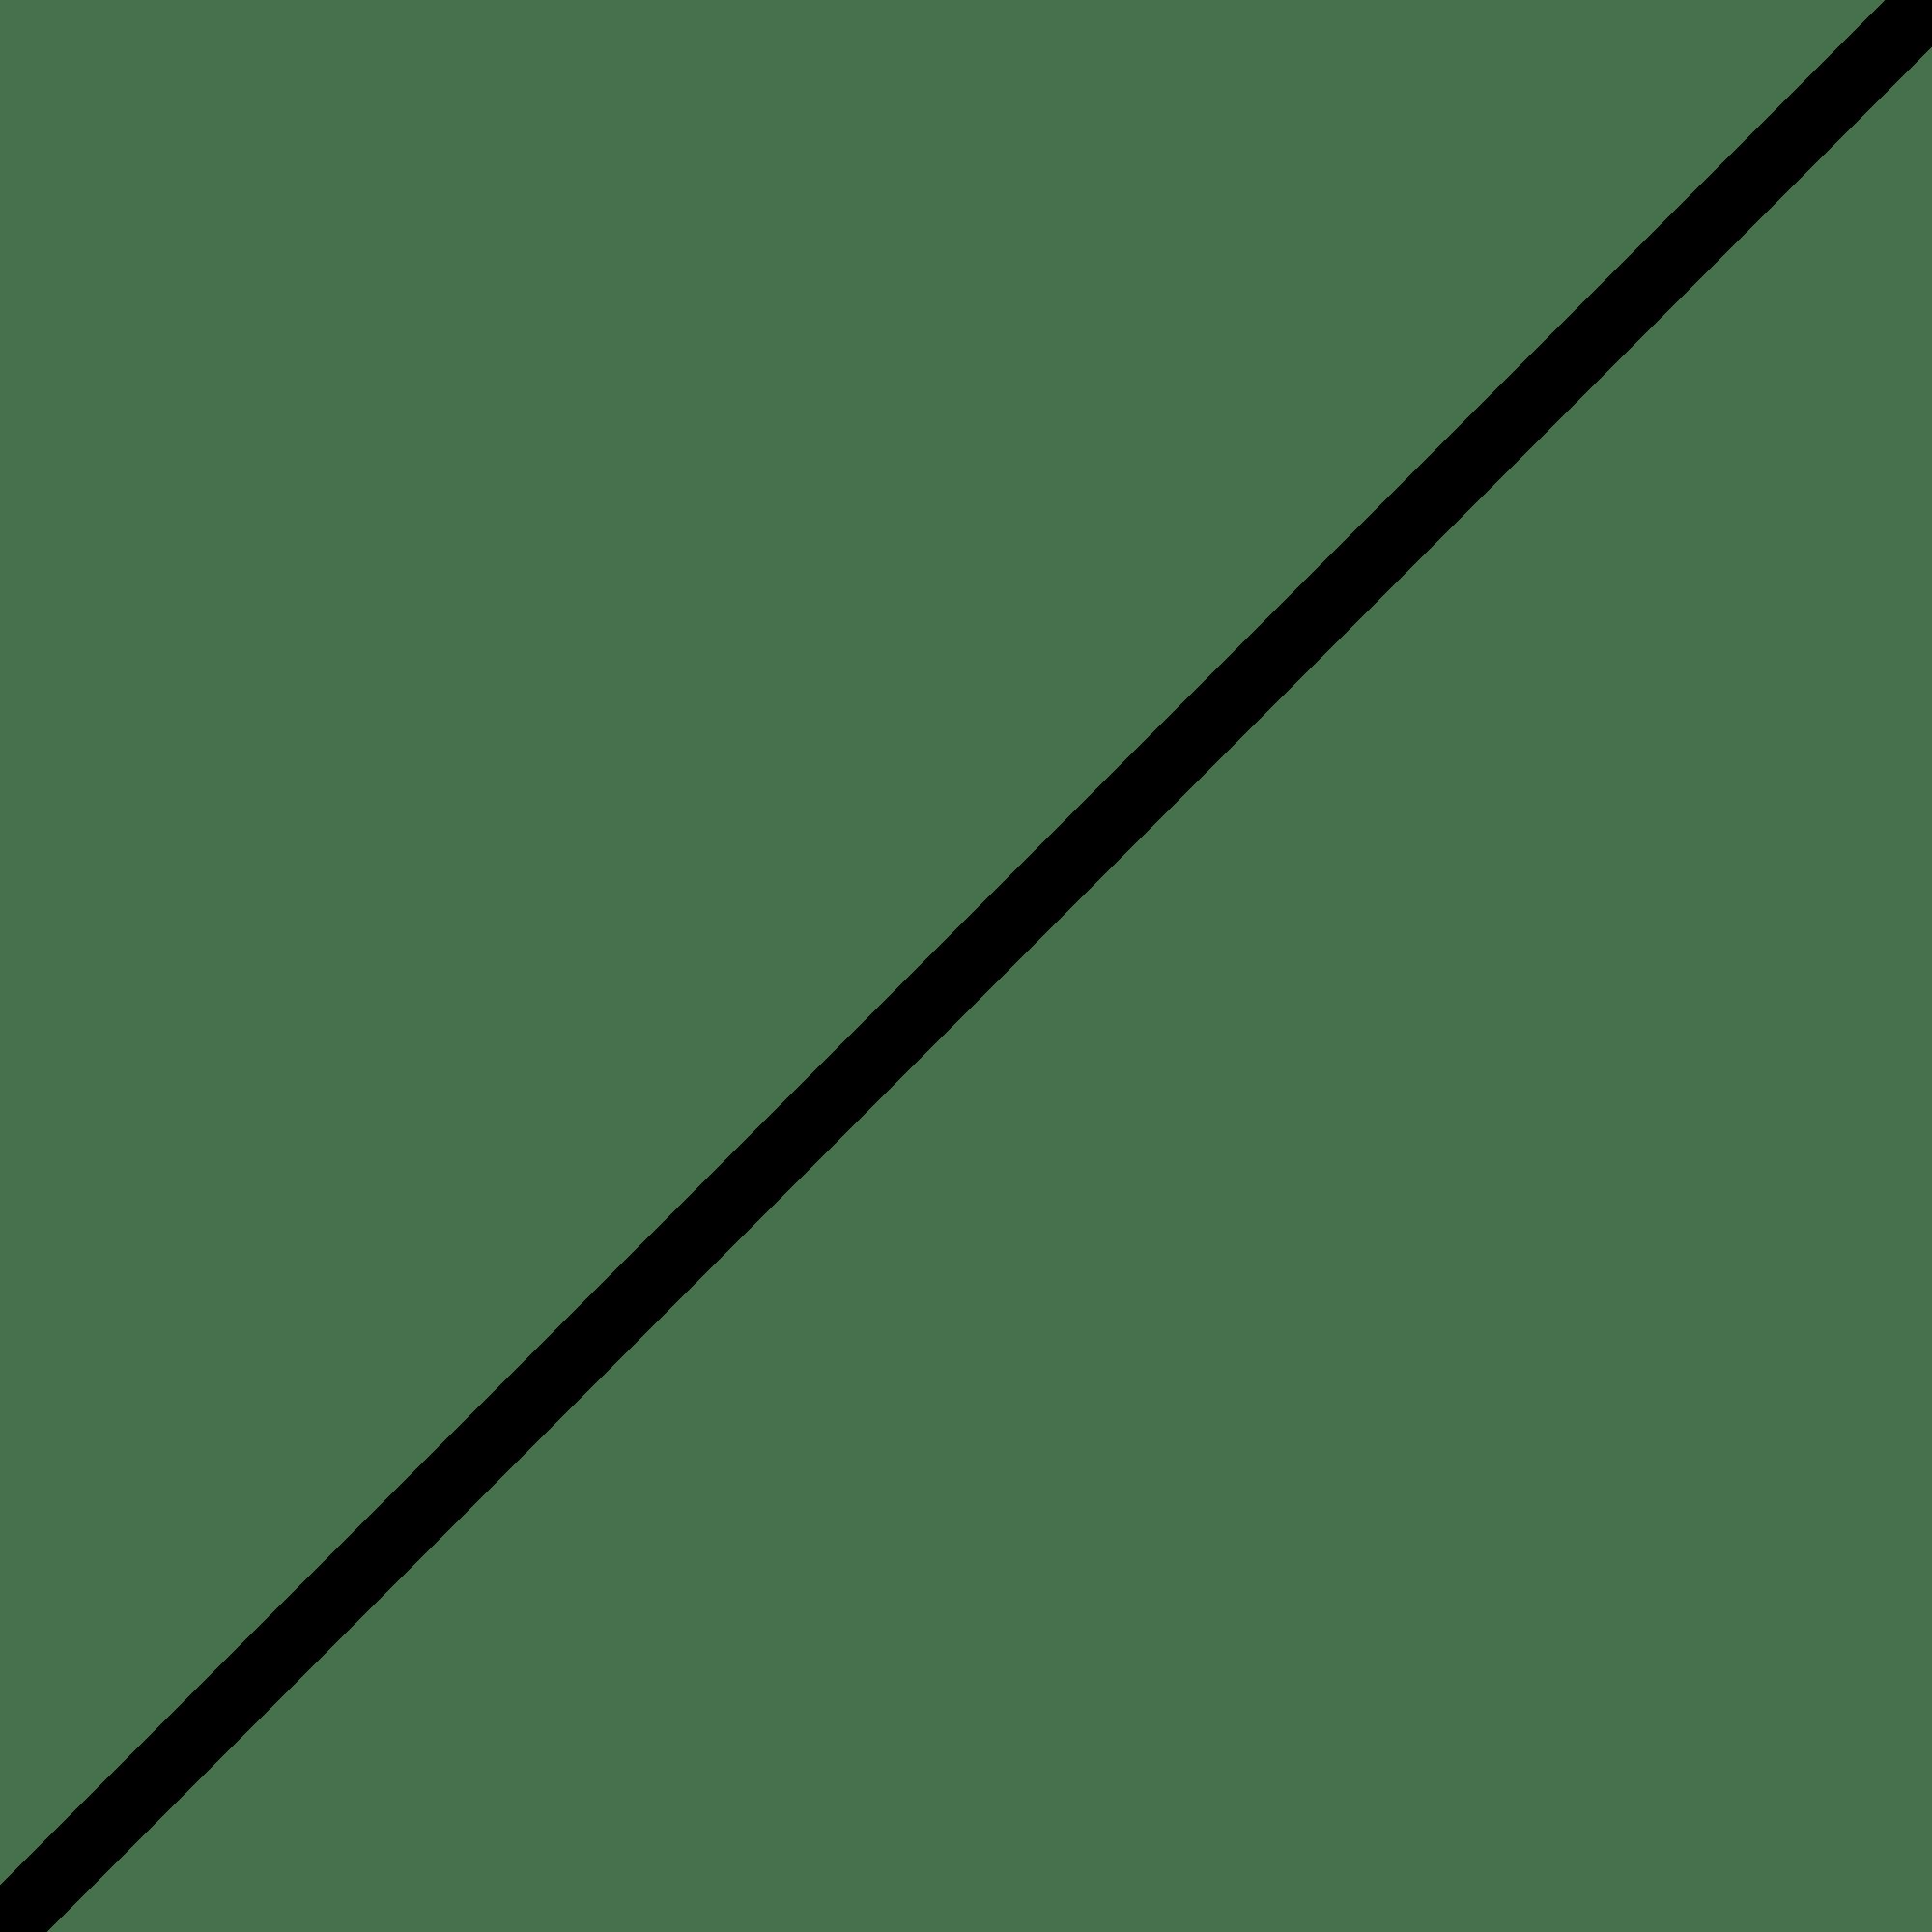 Lines Clipart Diagonal Lines Diagonal Transparent Free